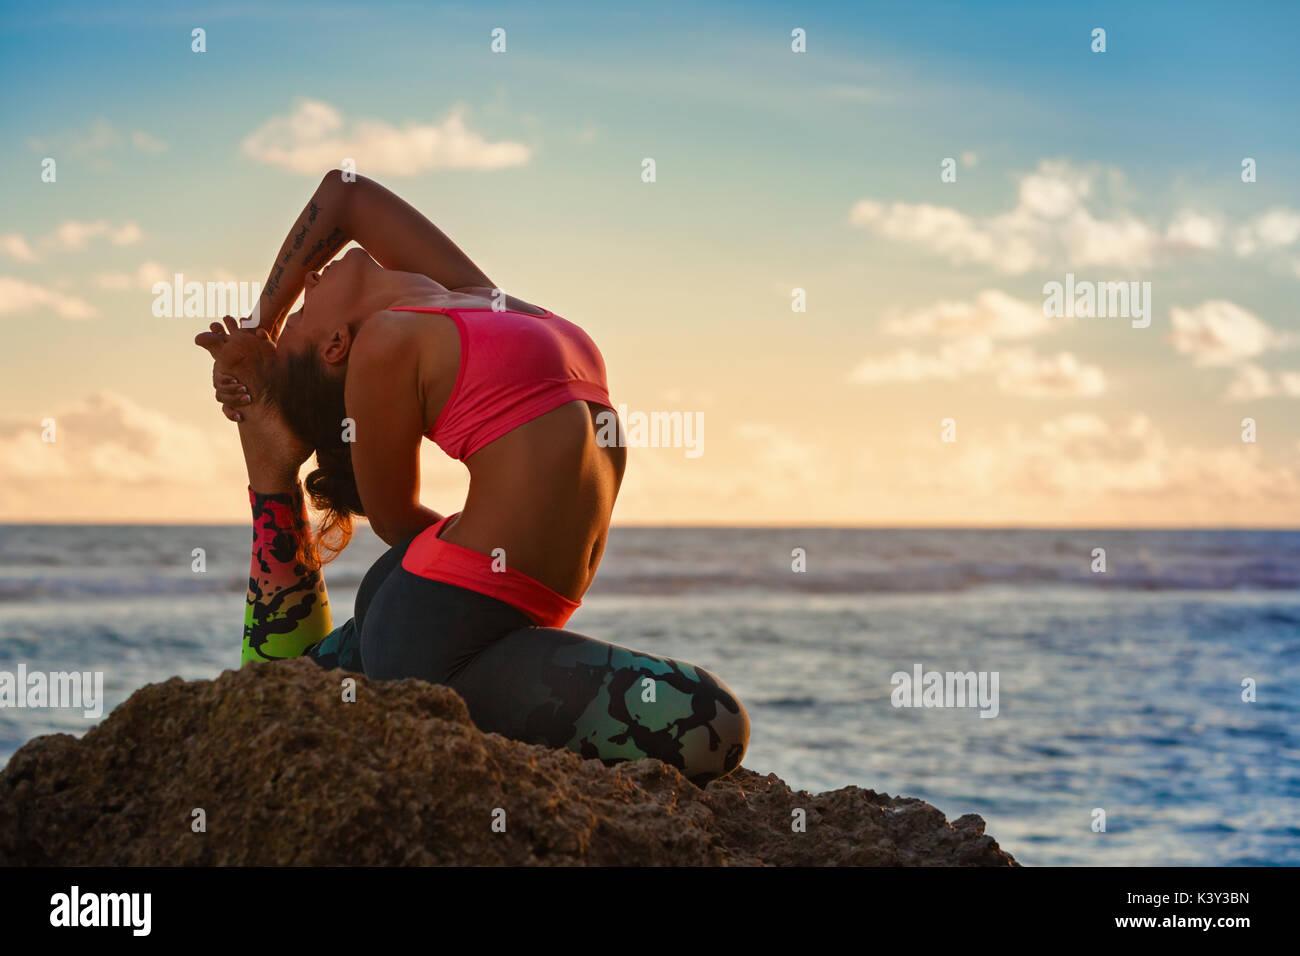 La meditación sobre el fondo del cielo al atardecer. Activa joven mujer sentada en pose de yoga en la playa rock, estiramiento para mantenerse en forma y salud. Estilo de vida saludable, fitness Imagen De Stock